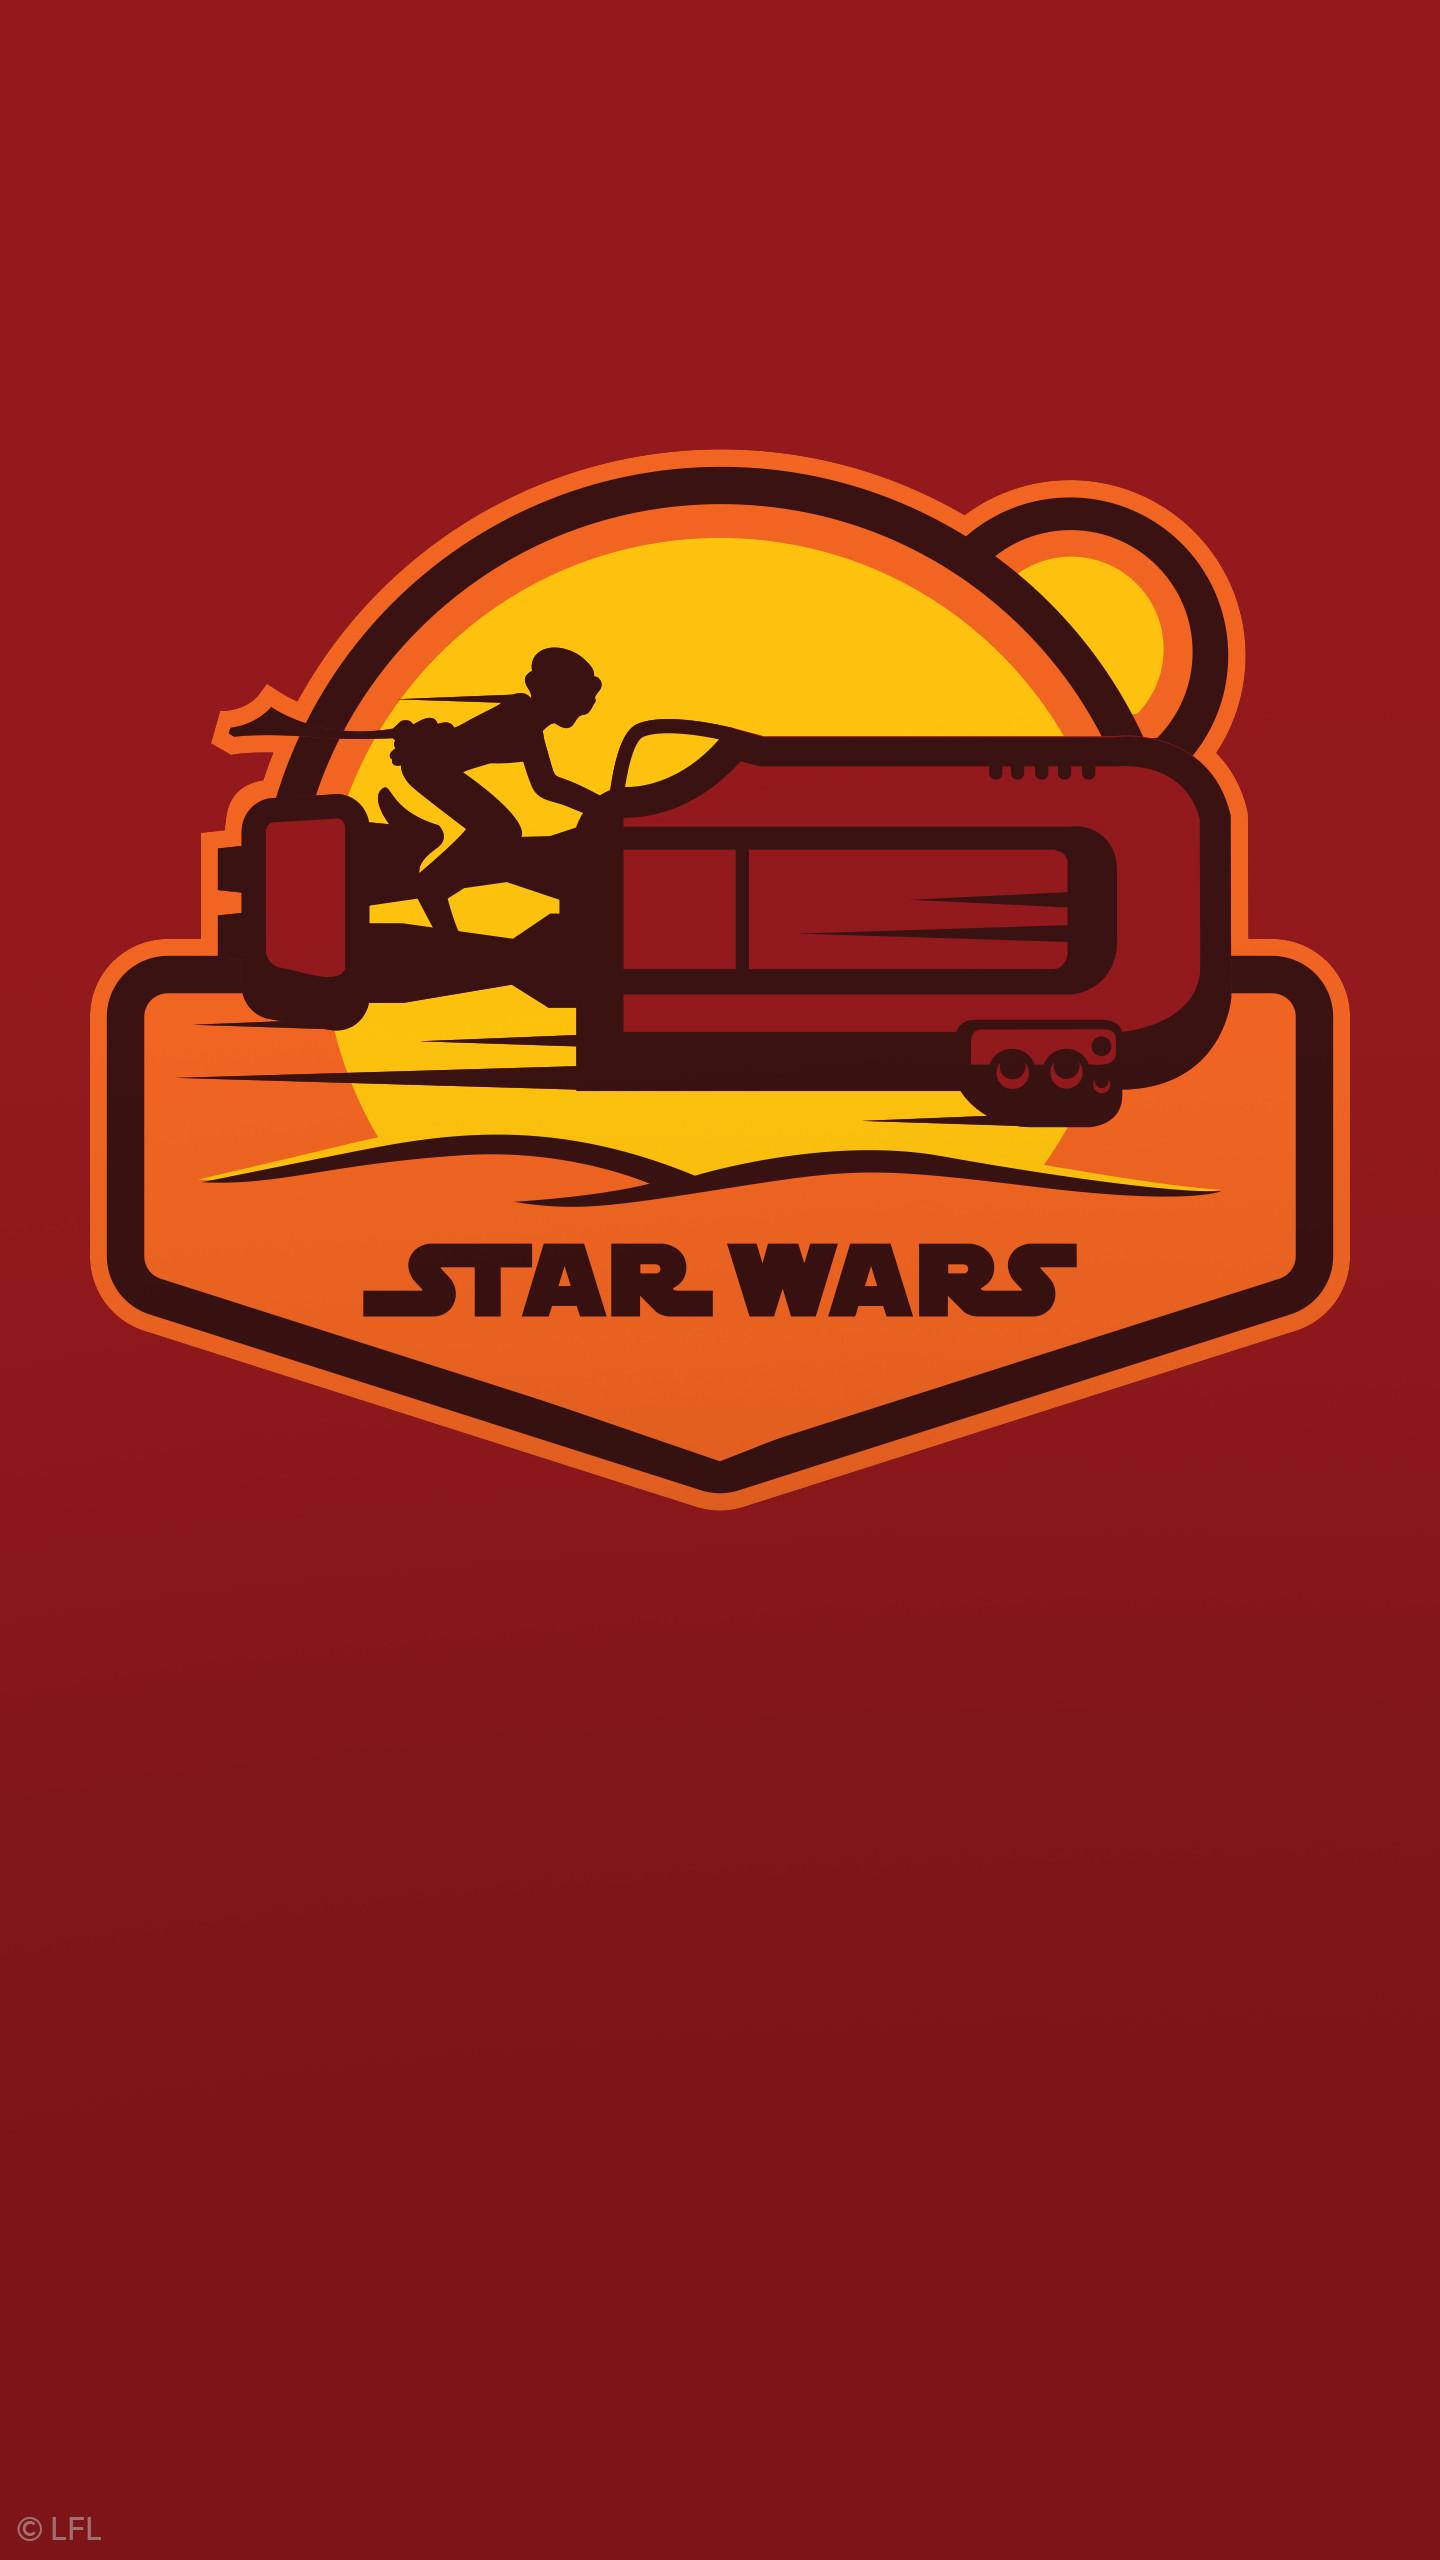 1080x1920 Star Wars iPhone Wallpaper The Force Unleashed Kylo Ren. Download Kylo Ren: iPhone; desktop .